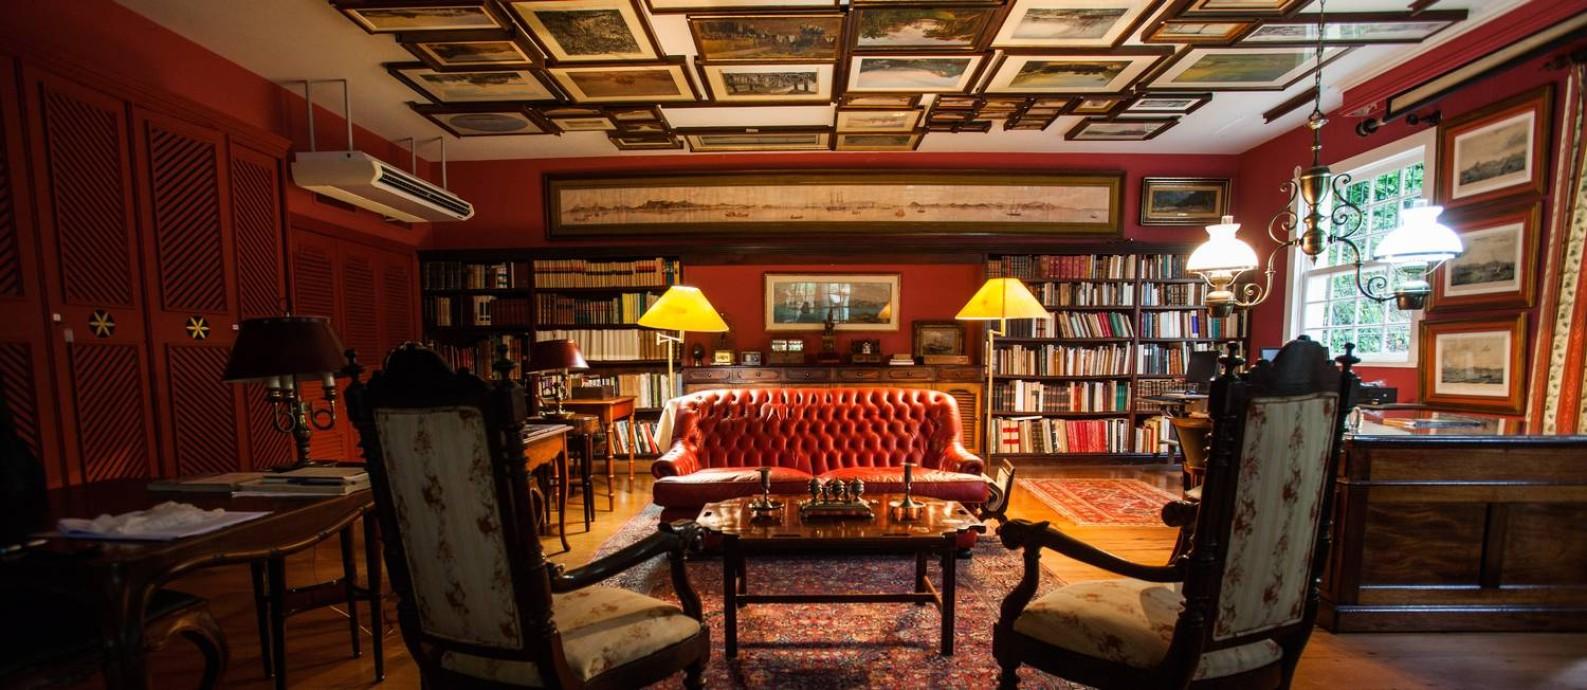 O anexo da Casa Geyer, onde os quadros são pendurados no teto Foto: Bárbara Lopes / Agência O Globo